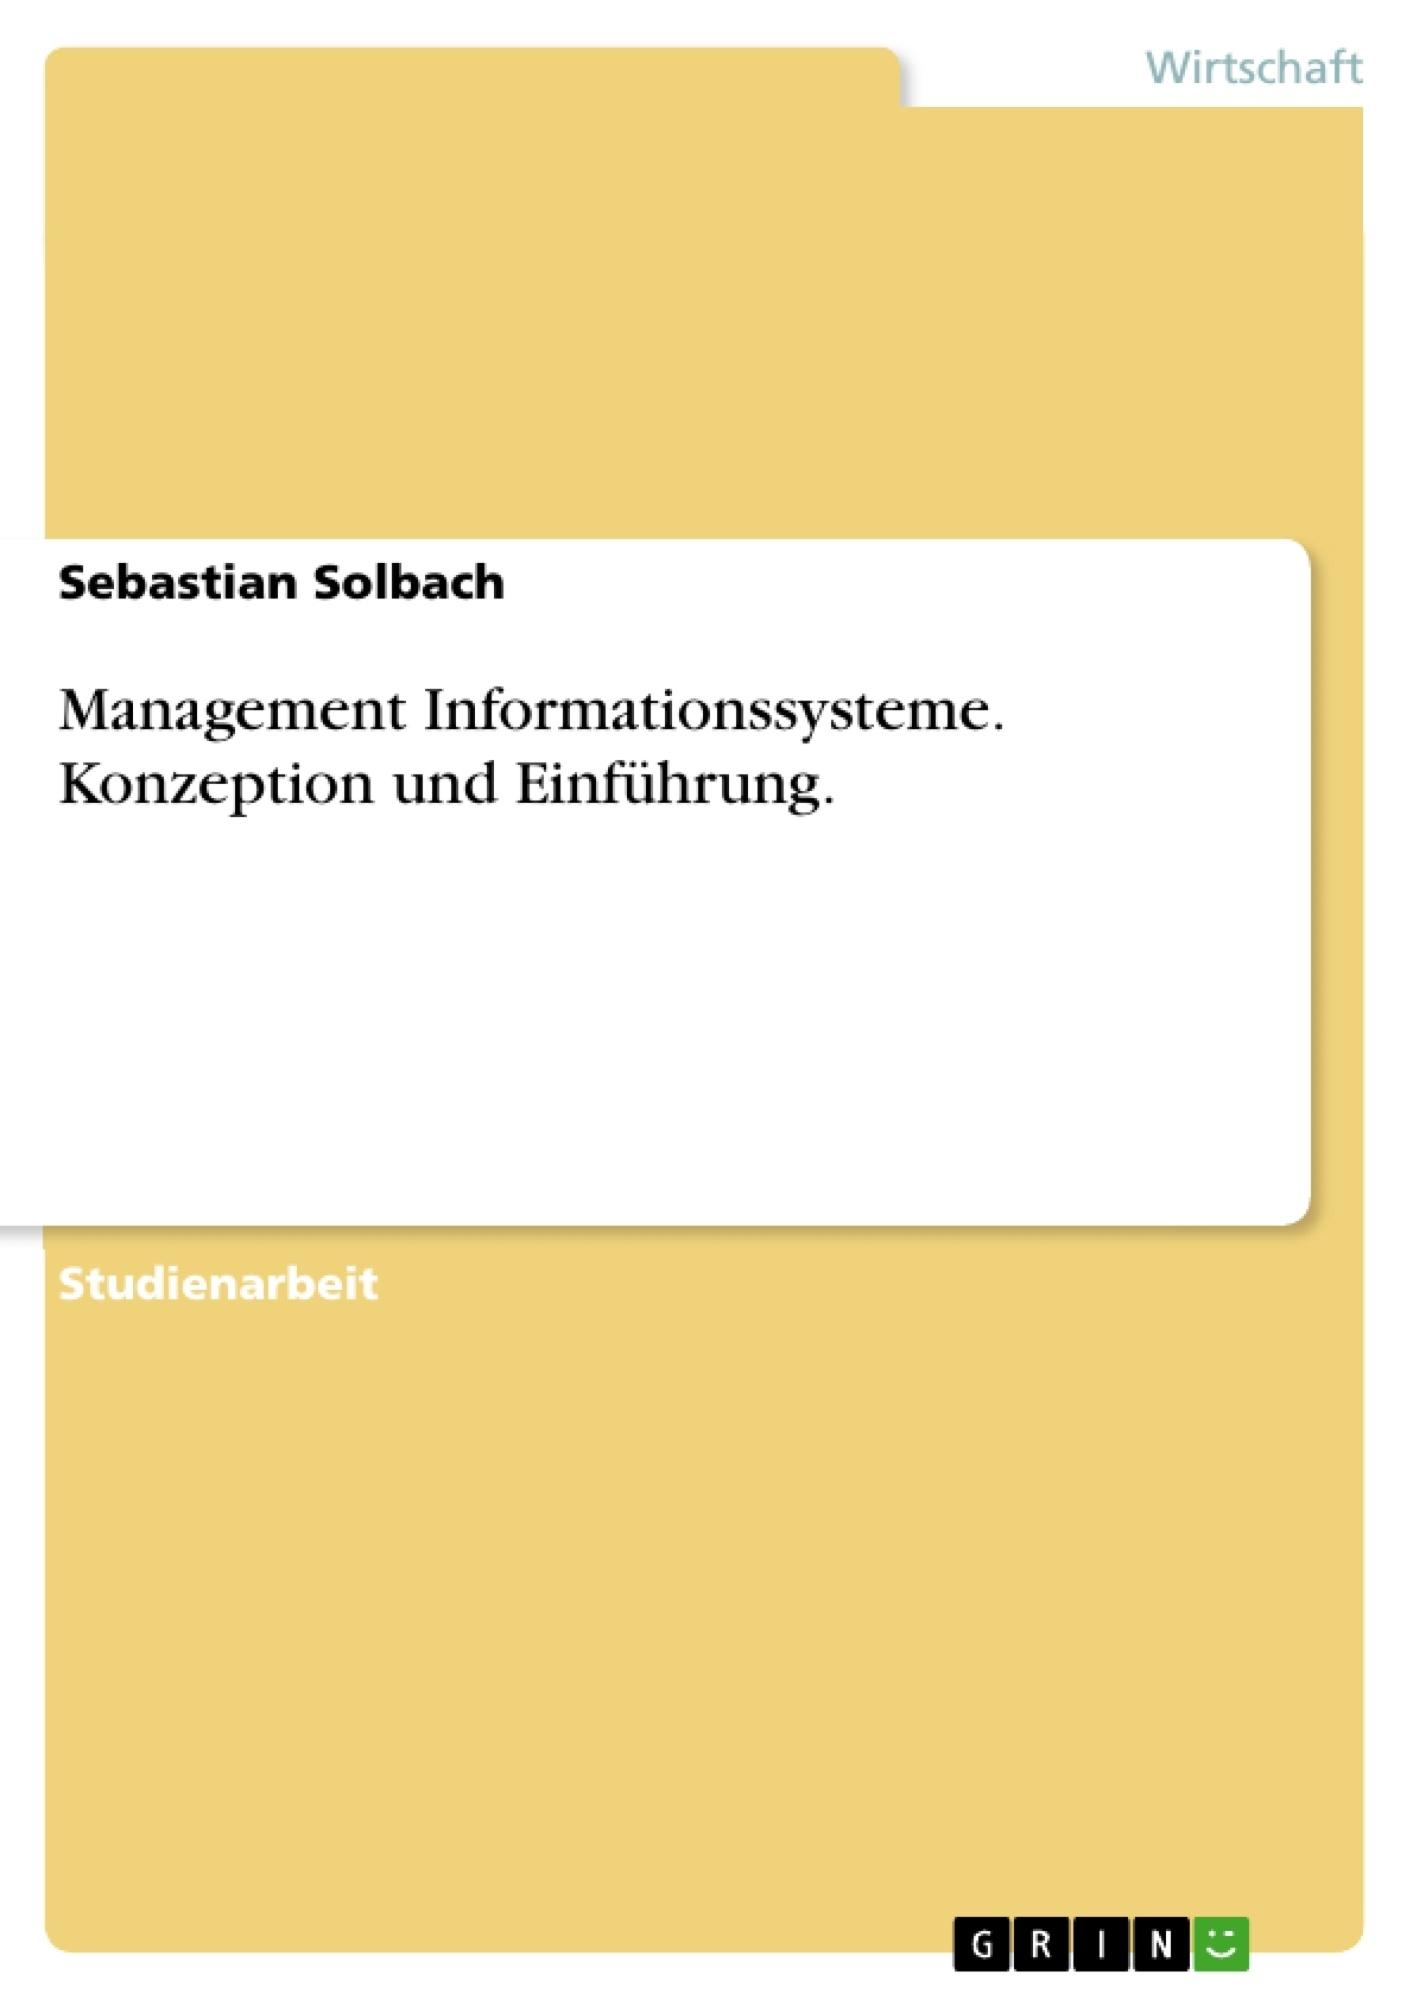 Titel: Management Informationssysteme. Konzeption und Einführung.